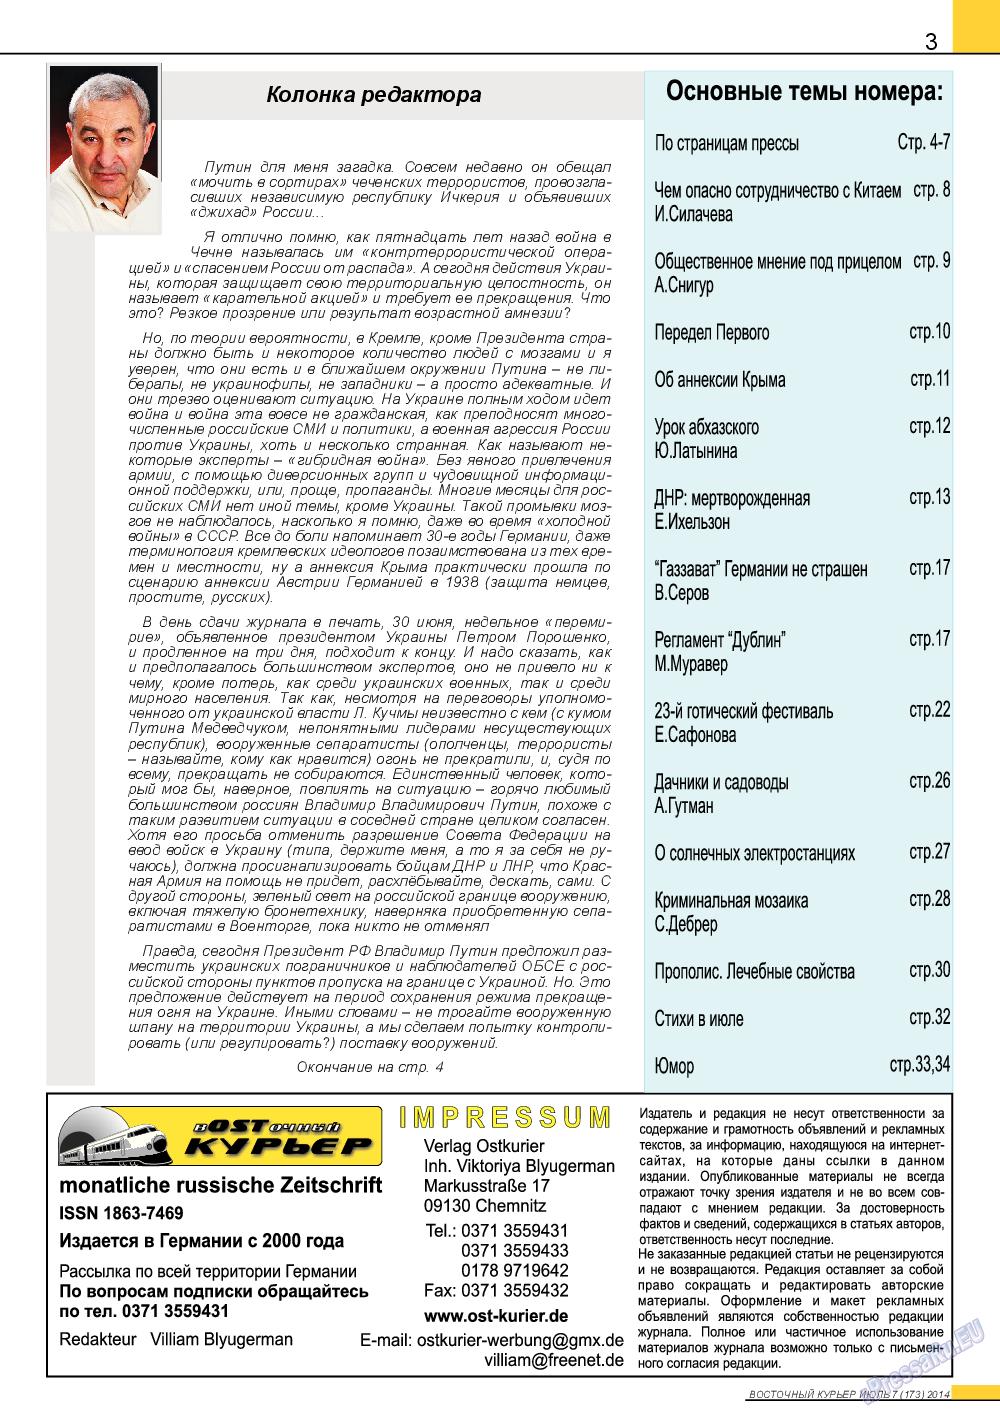 Восточный курьер (журнал). 2014 год, номер 7, стр. 3